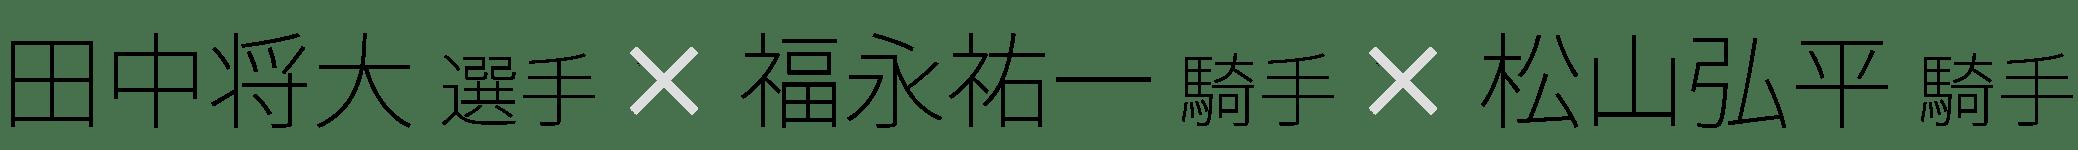 田中将大 選手 × 福永祐一 騎手 × 松山弘平 騎手